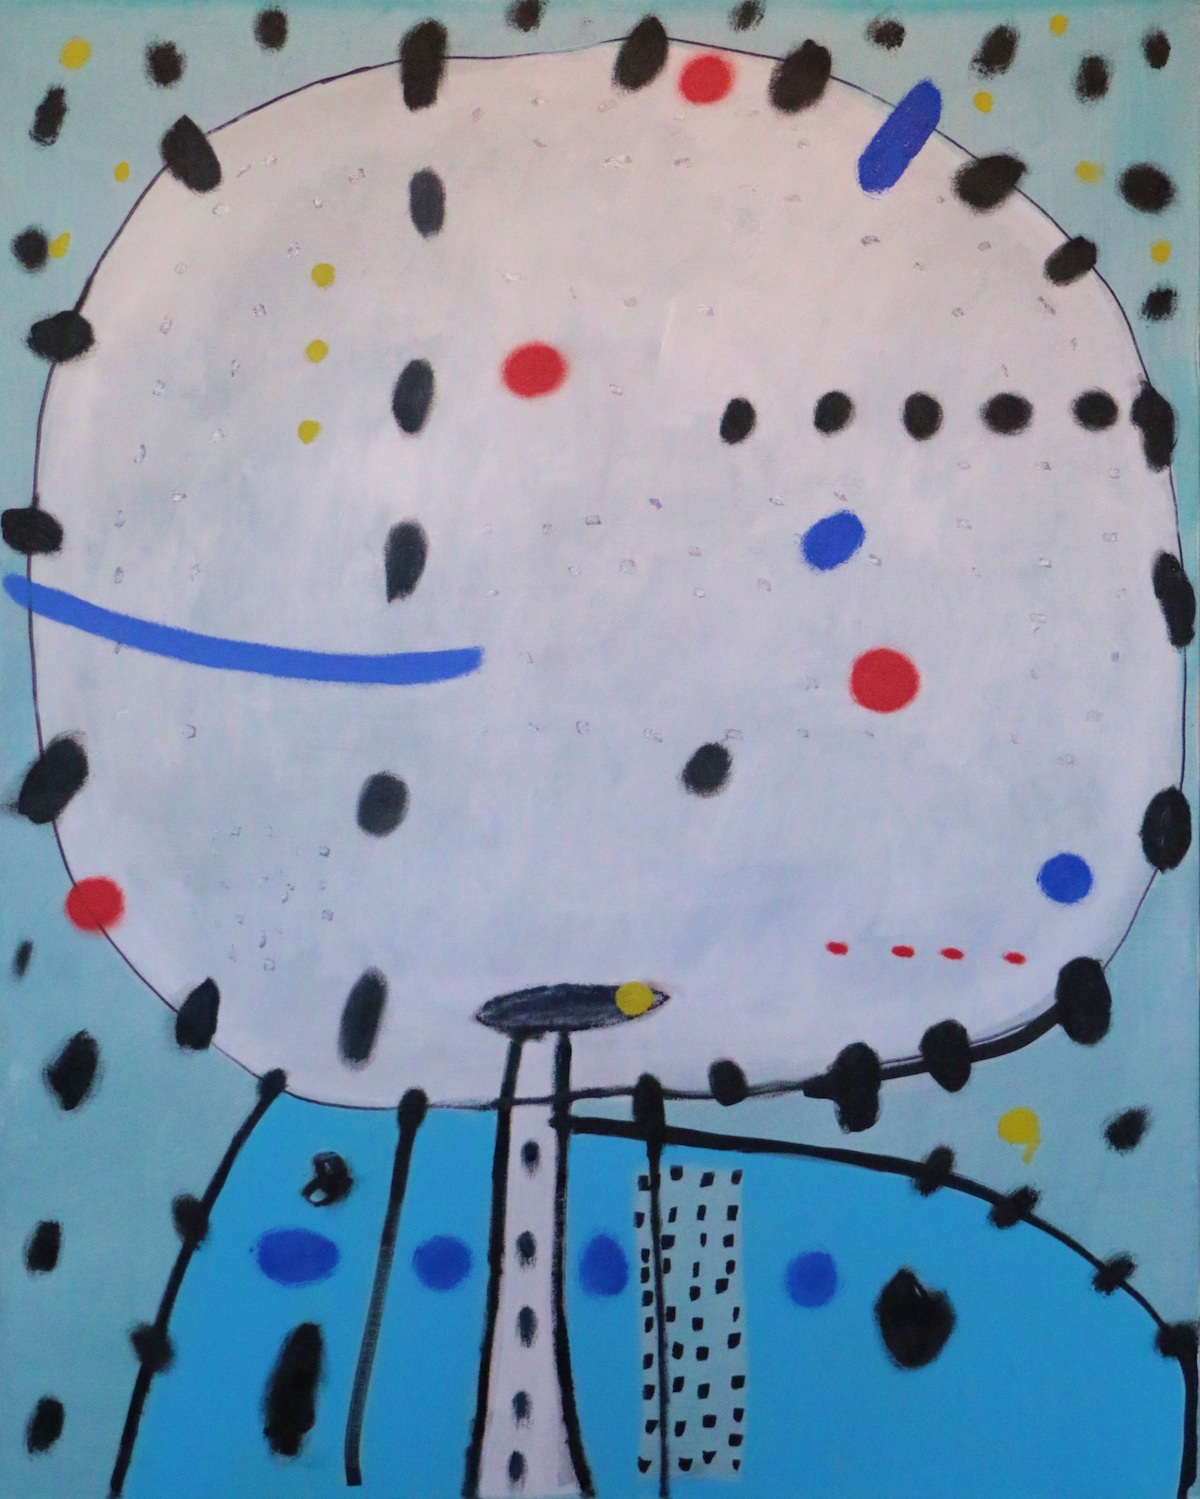 Didier Mayés,  El cabezón , 2018, Oil on canvas, 39.5 x 31.5 in